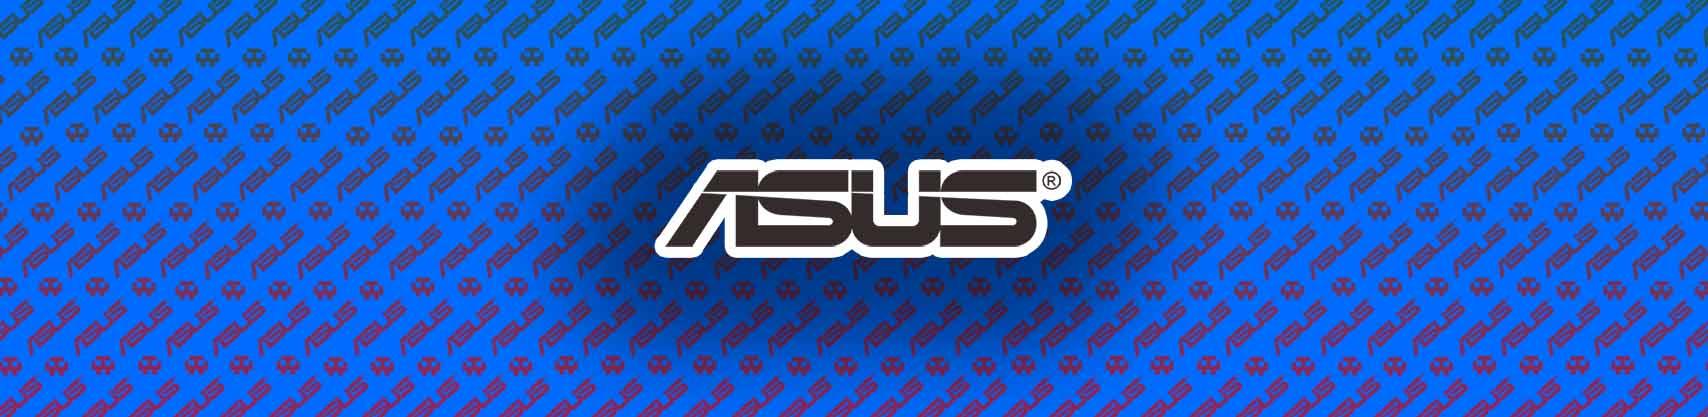 Asus RT-AC66U Manual